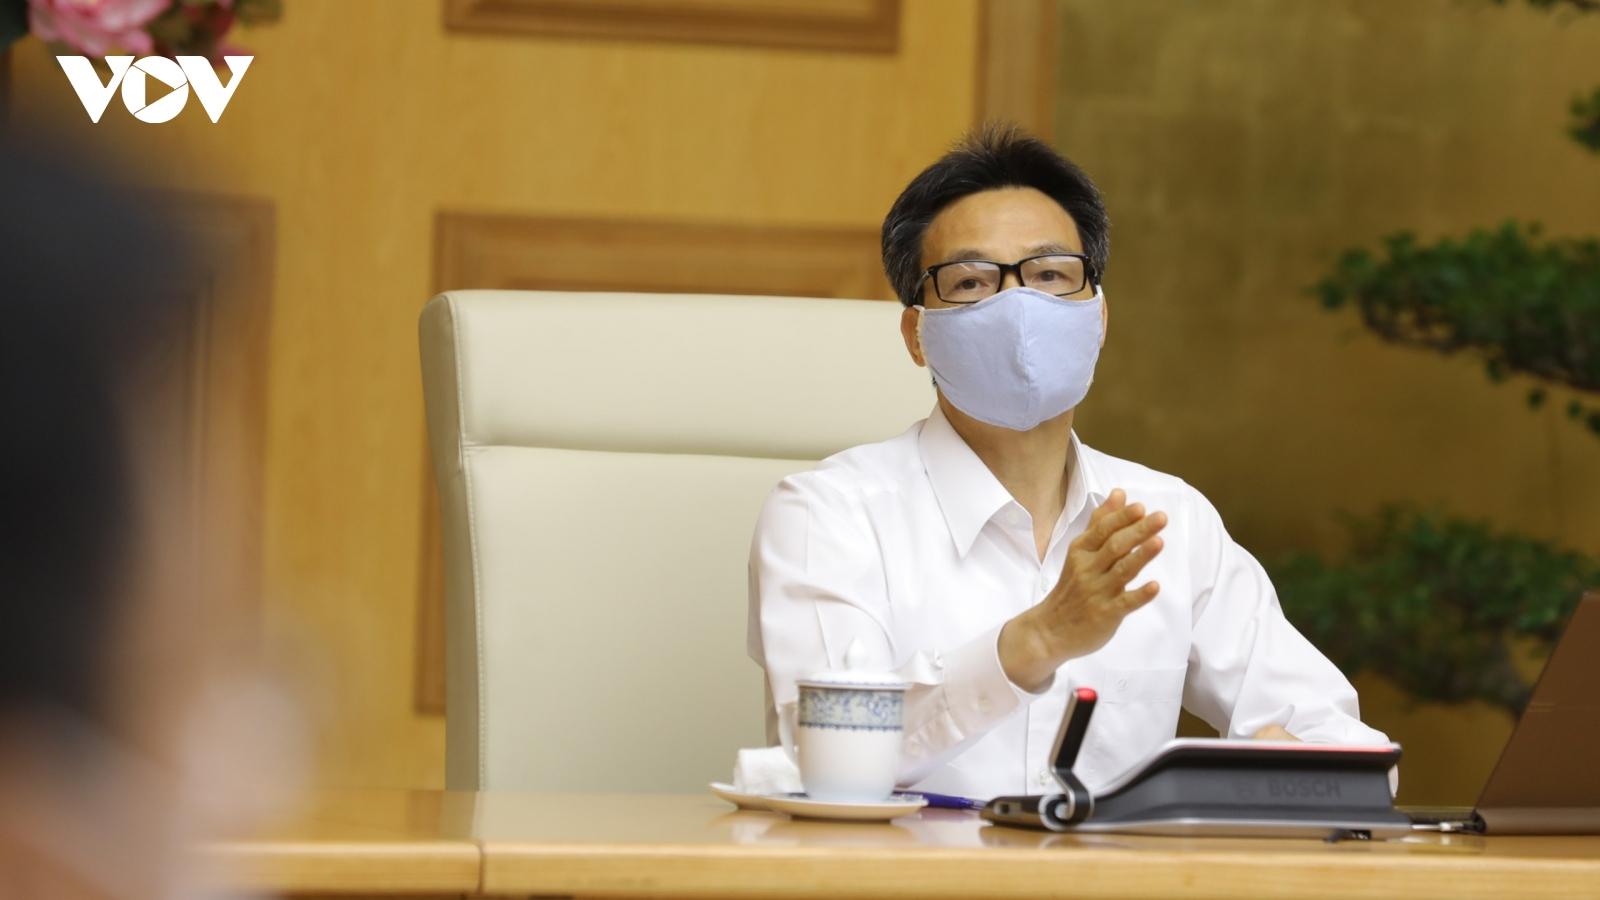 Các thành viên Ban Chỉ đạo Quốc gia sẽ trực tiếp kiểm tra phòng, chống dịch COVID-19